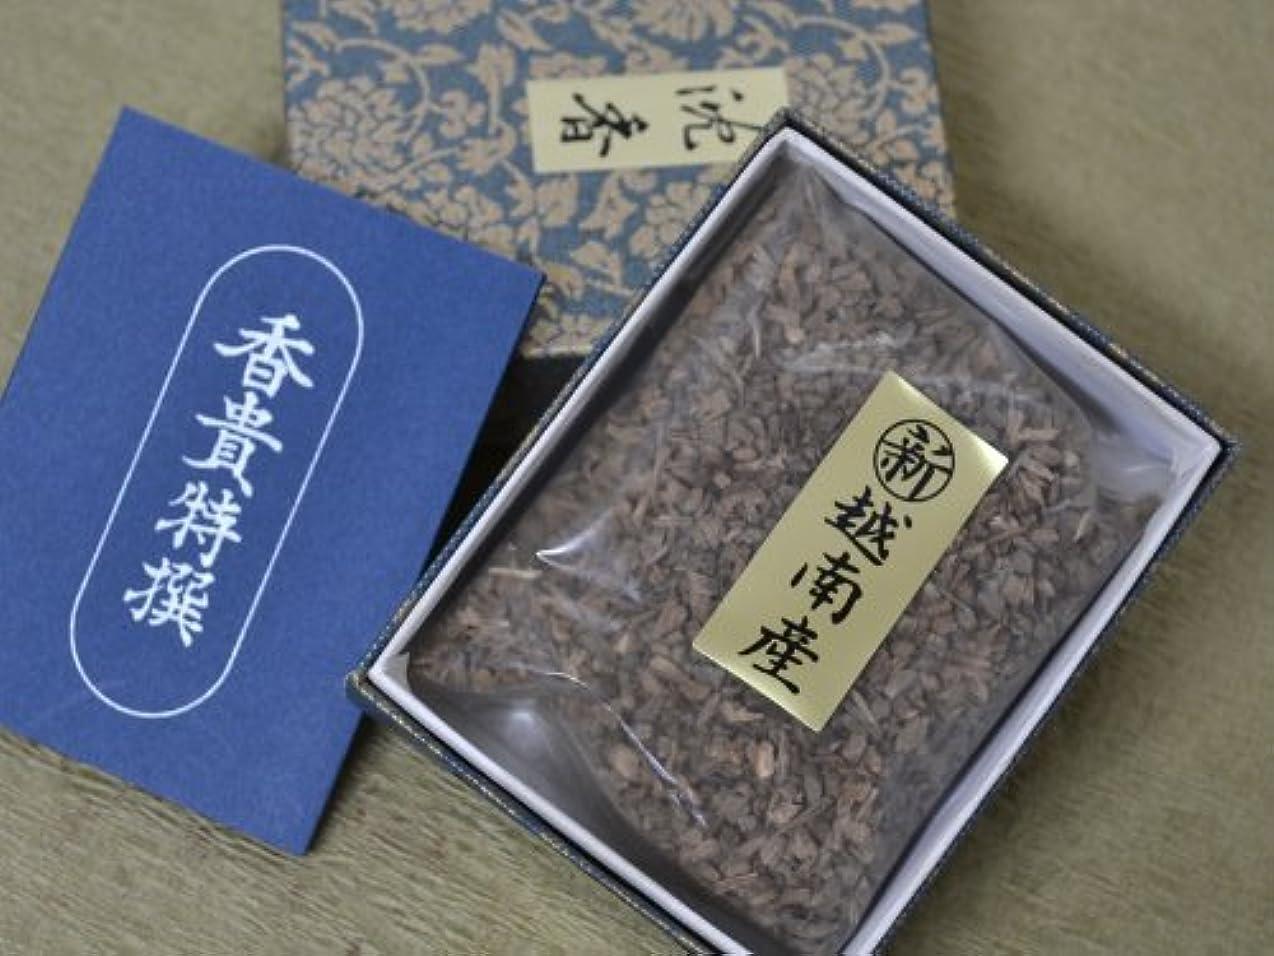 引退したレクリエーション一次香木 お焼香 新ベトナム産 沈香 【最高級品】 18g